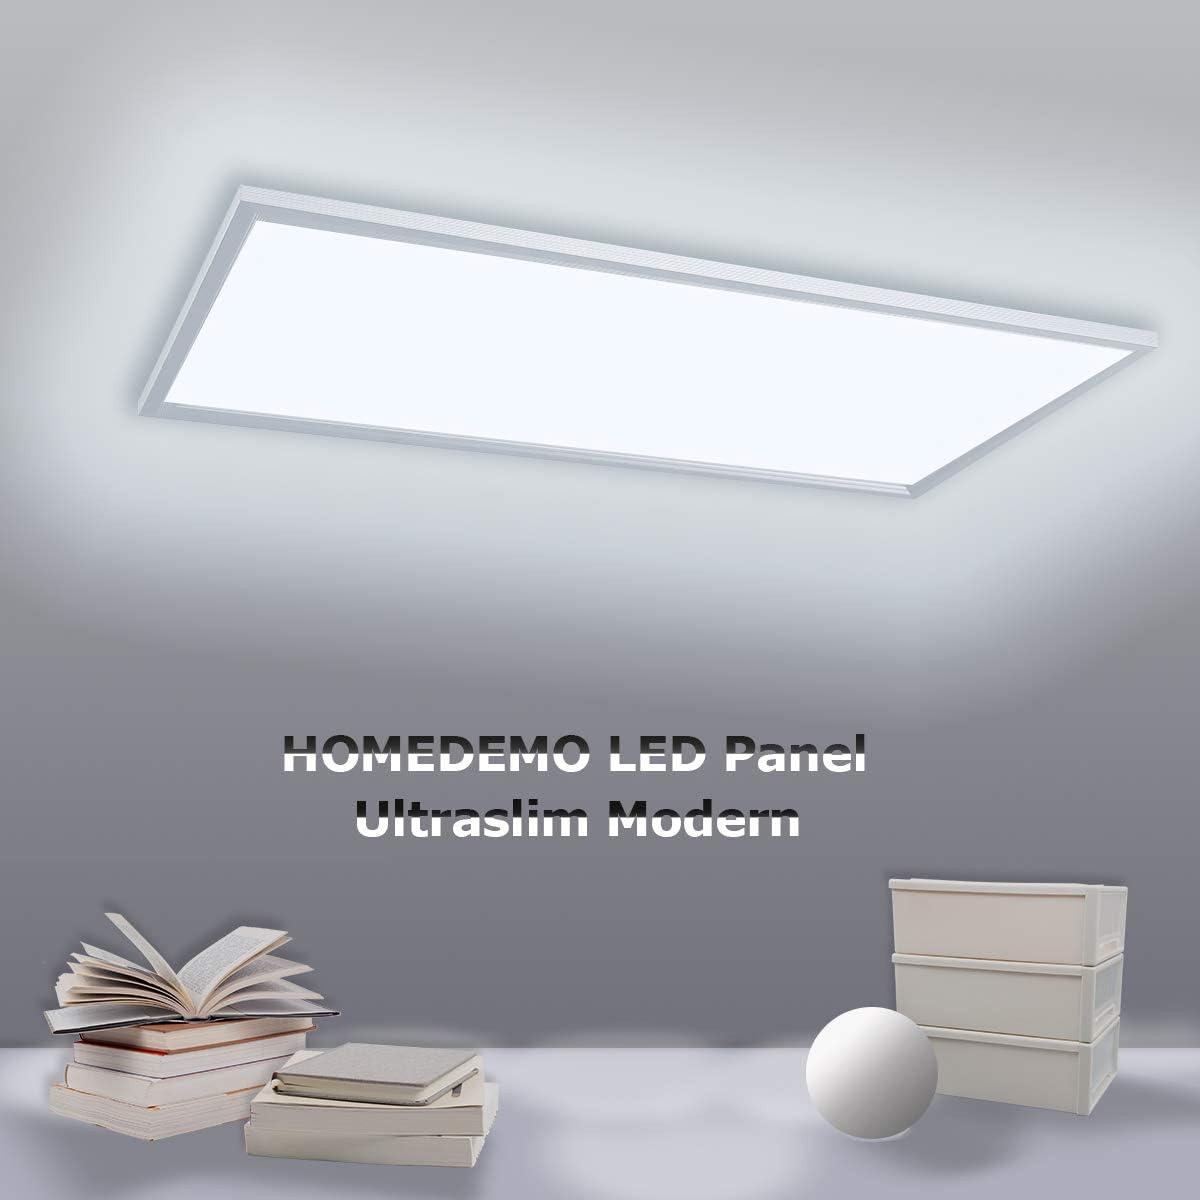 HOMEDEMO LED Panel Deckenleuchte 62x62cm Ultraslim Modern 40W Warmwei/ß 3000K Deckenlampe f/ür B/üro und Werkstatt Led Lampe mit Befestigungsmaterial und Trafo Silberrahmen